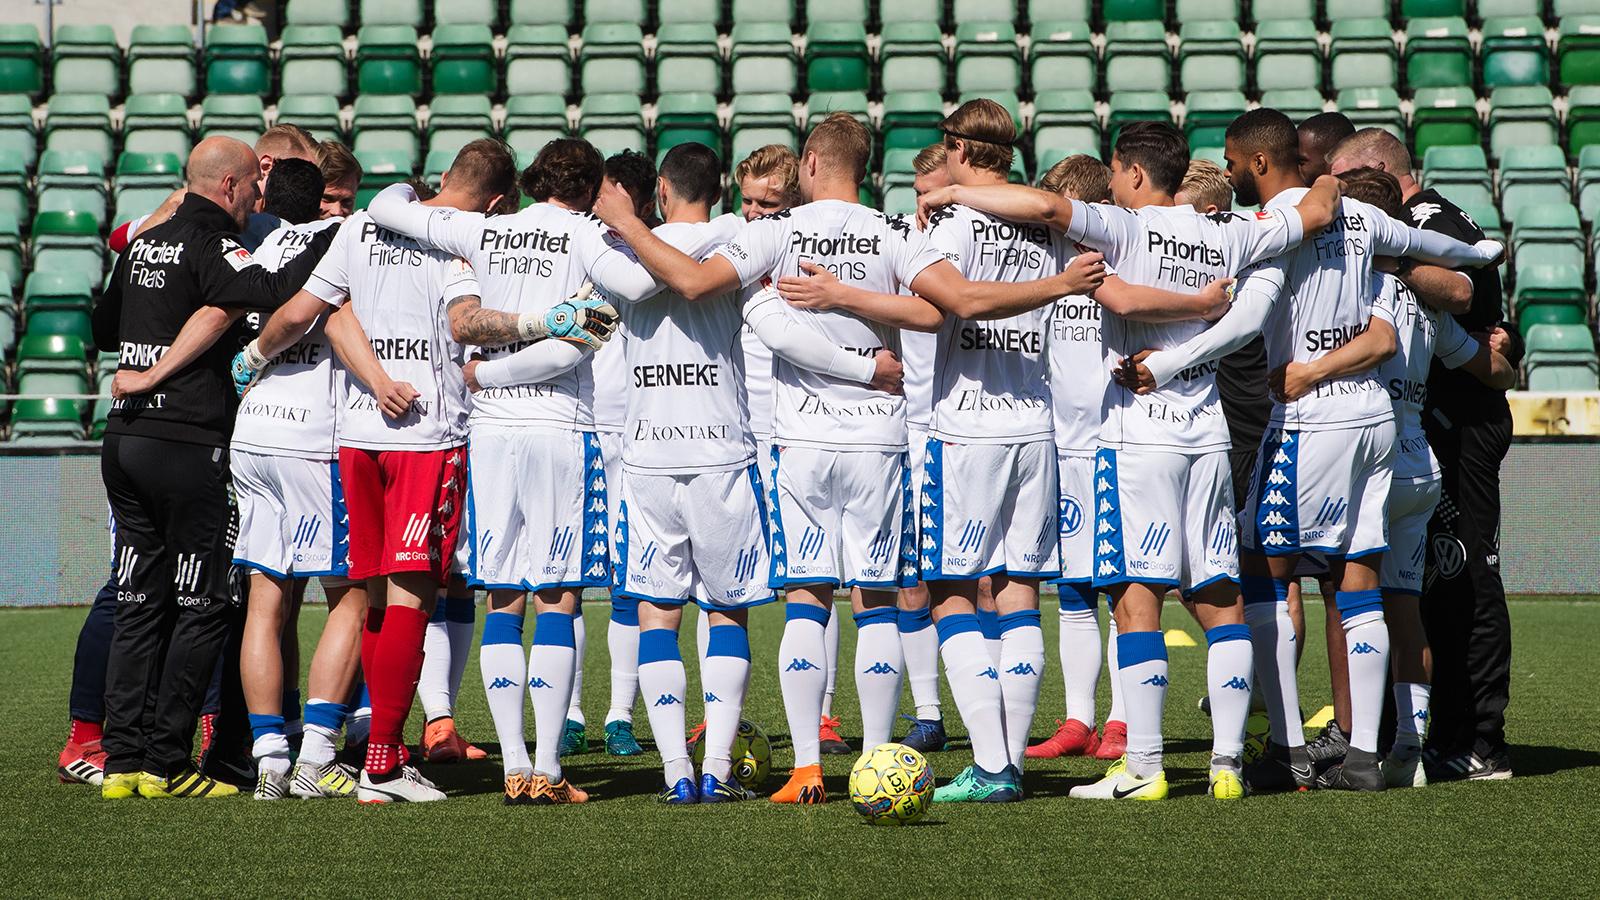 180527 IFK Göteborgs lag samlar sig inför fotbollsmatchen i Allsvenskan mellan GIF Sundsvall och IFK Göteborg den 27 maj 2018 i Sundsvall.